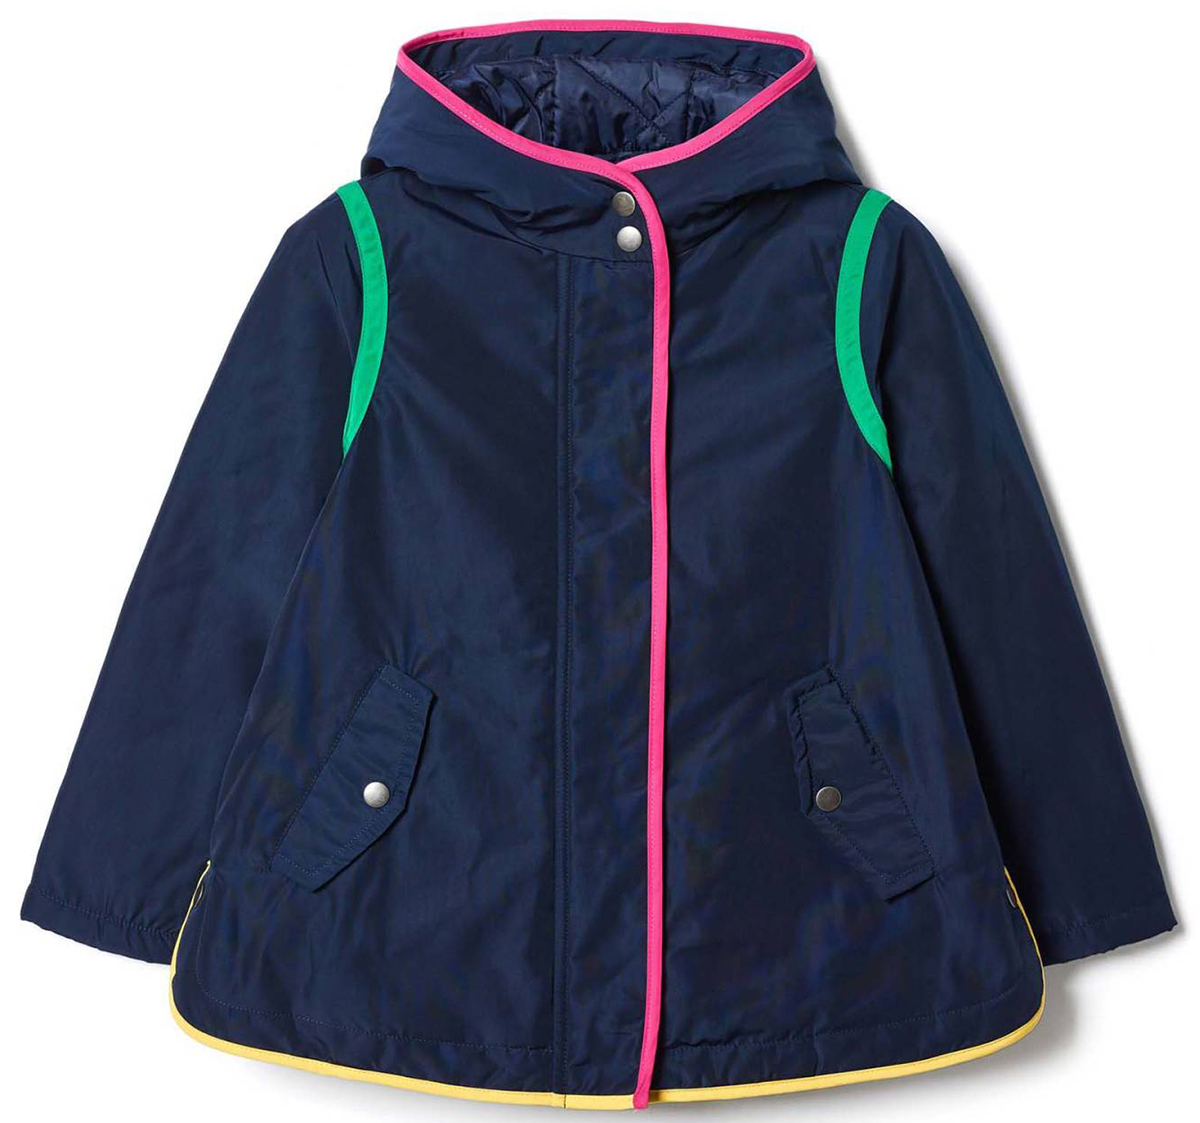 Куртка для девочки United Colors of Benetton, цвет: синий. 2DZS53A00_13C. Размер 1002DZS53A00_13CКуртка для девочки United Colors of Benetton выполнена из полиэстера. Модель с капюшоном и длинными рукавами застегивается на комбинированную застежку.